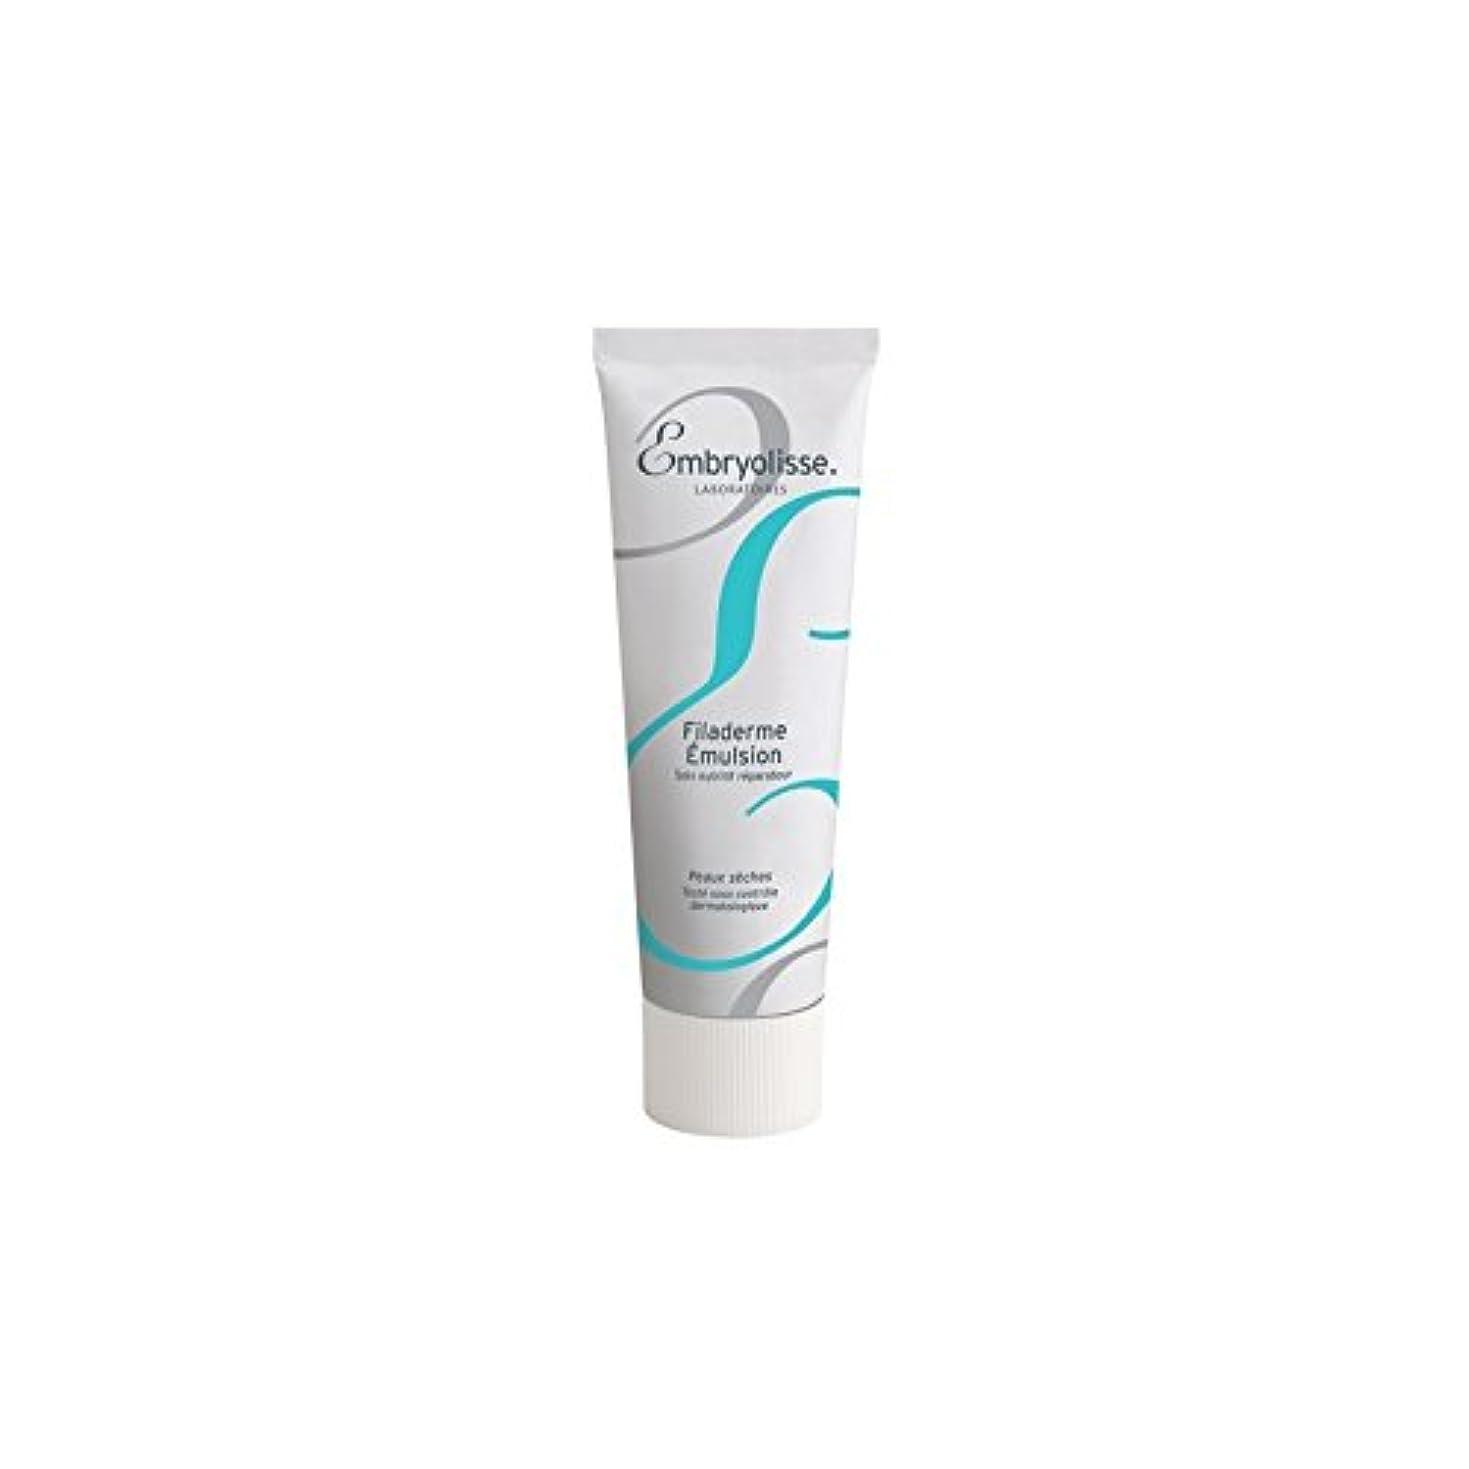 可聴変化カーテンEmbryolisse Filaderme Emulsion (75ml) - エマルジョン(75ミリリットル) [並行輸入品]